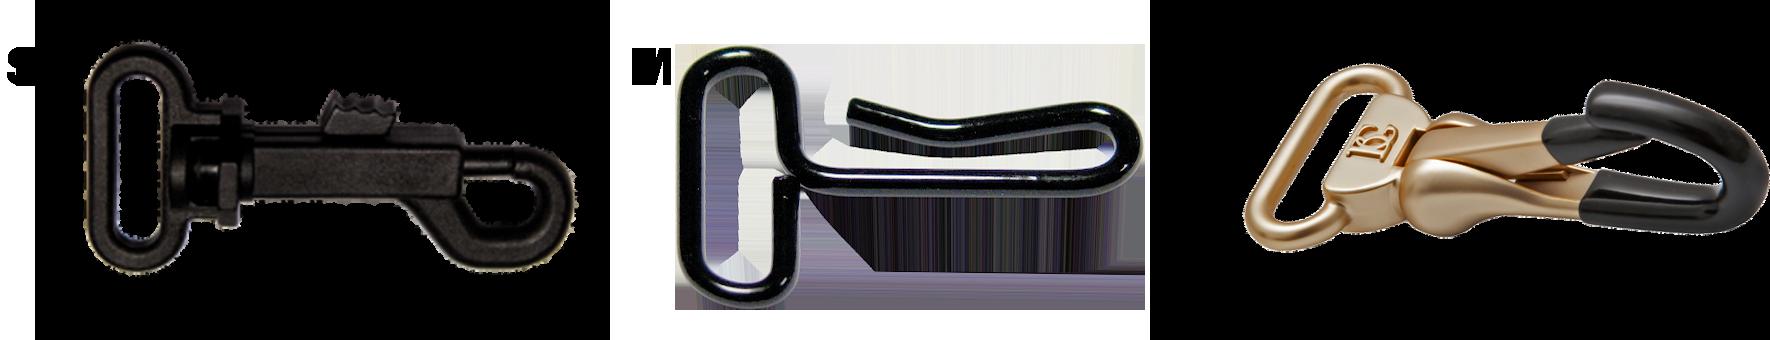 BG-Kreuzgurte-Haken